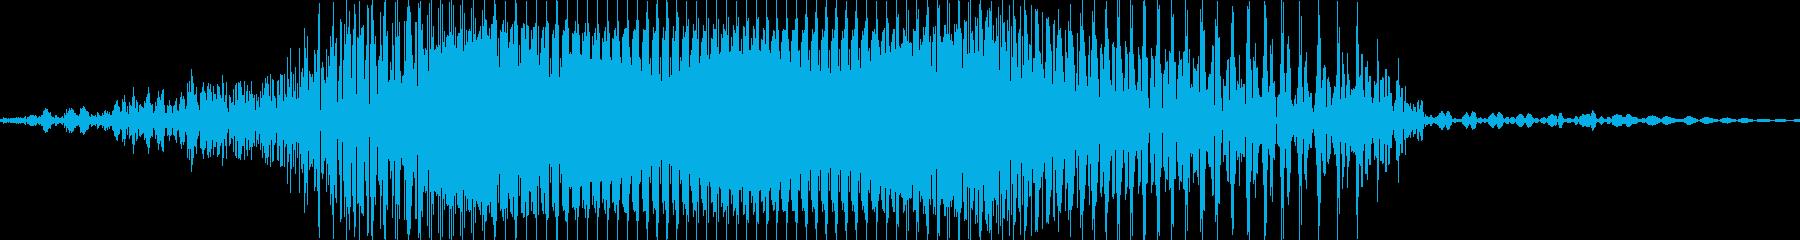 ファール!の再生済みの波形